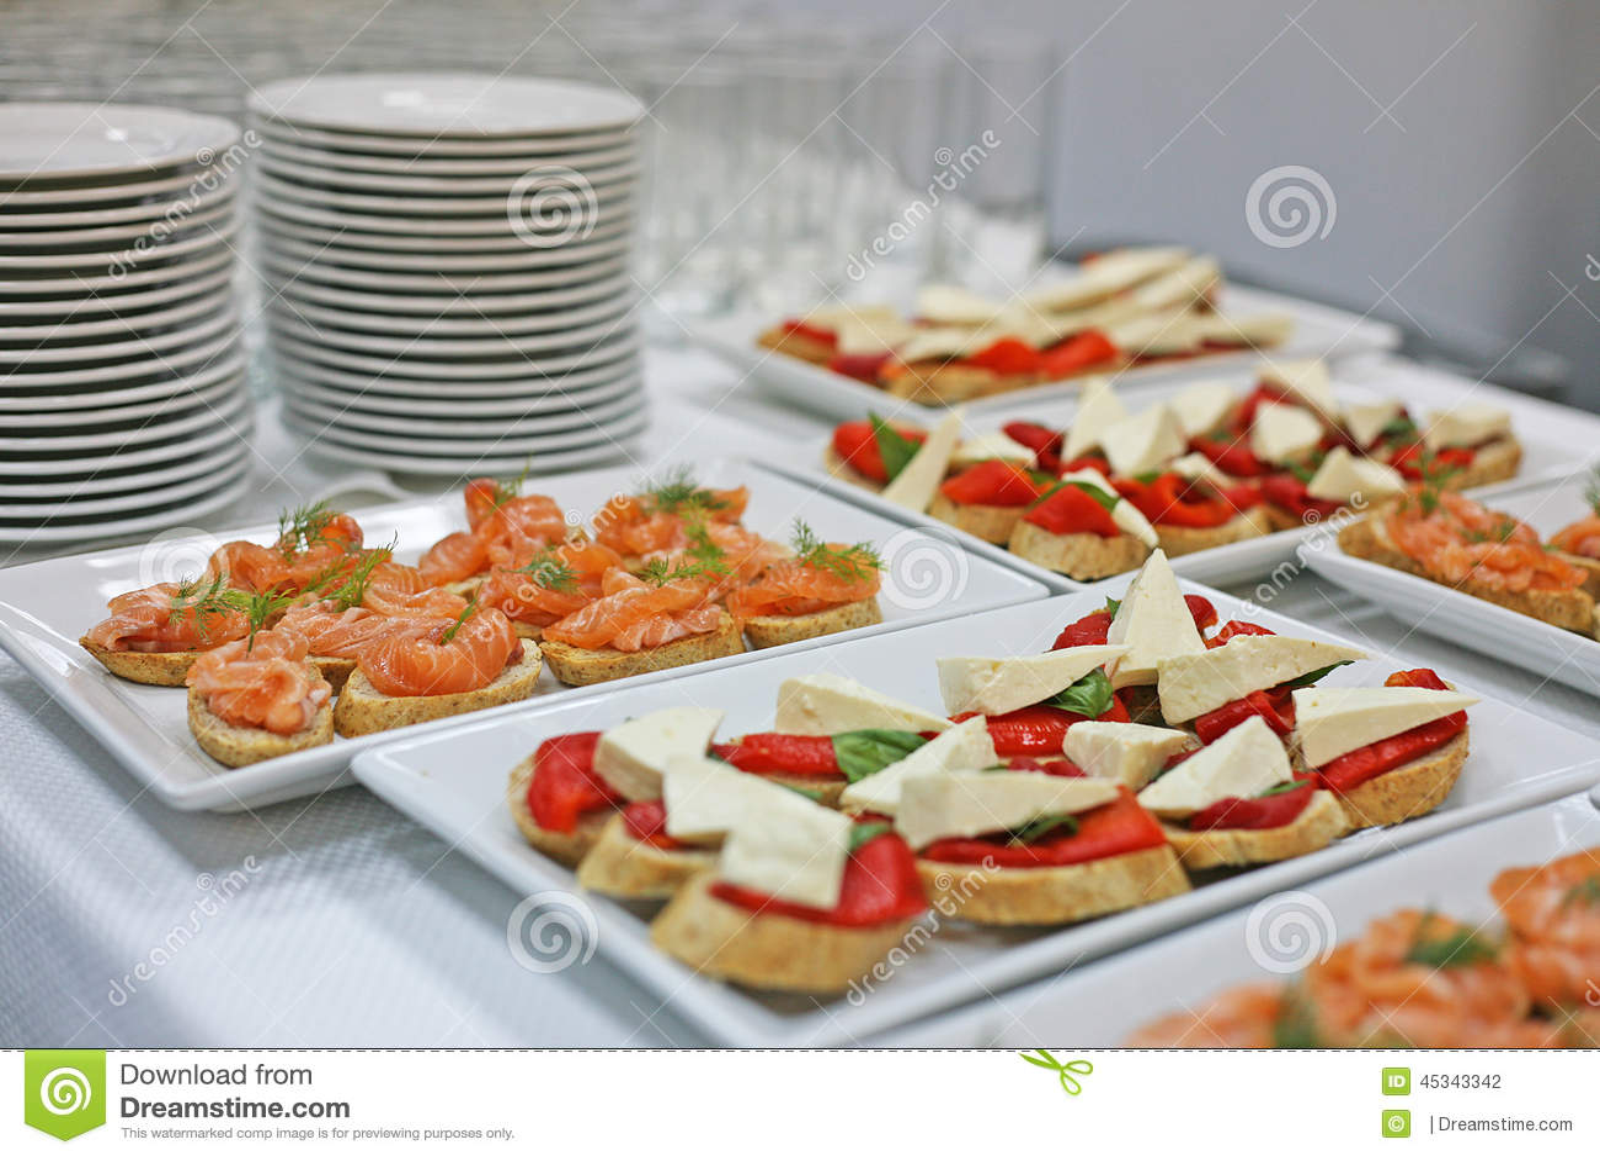 La variedad de bocadillos en una mesa de desayuno foto de for Mesa desayuno